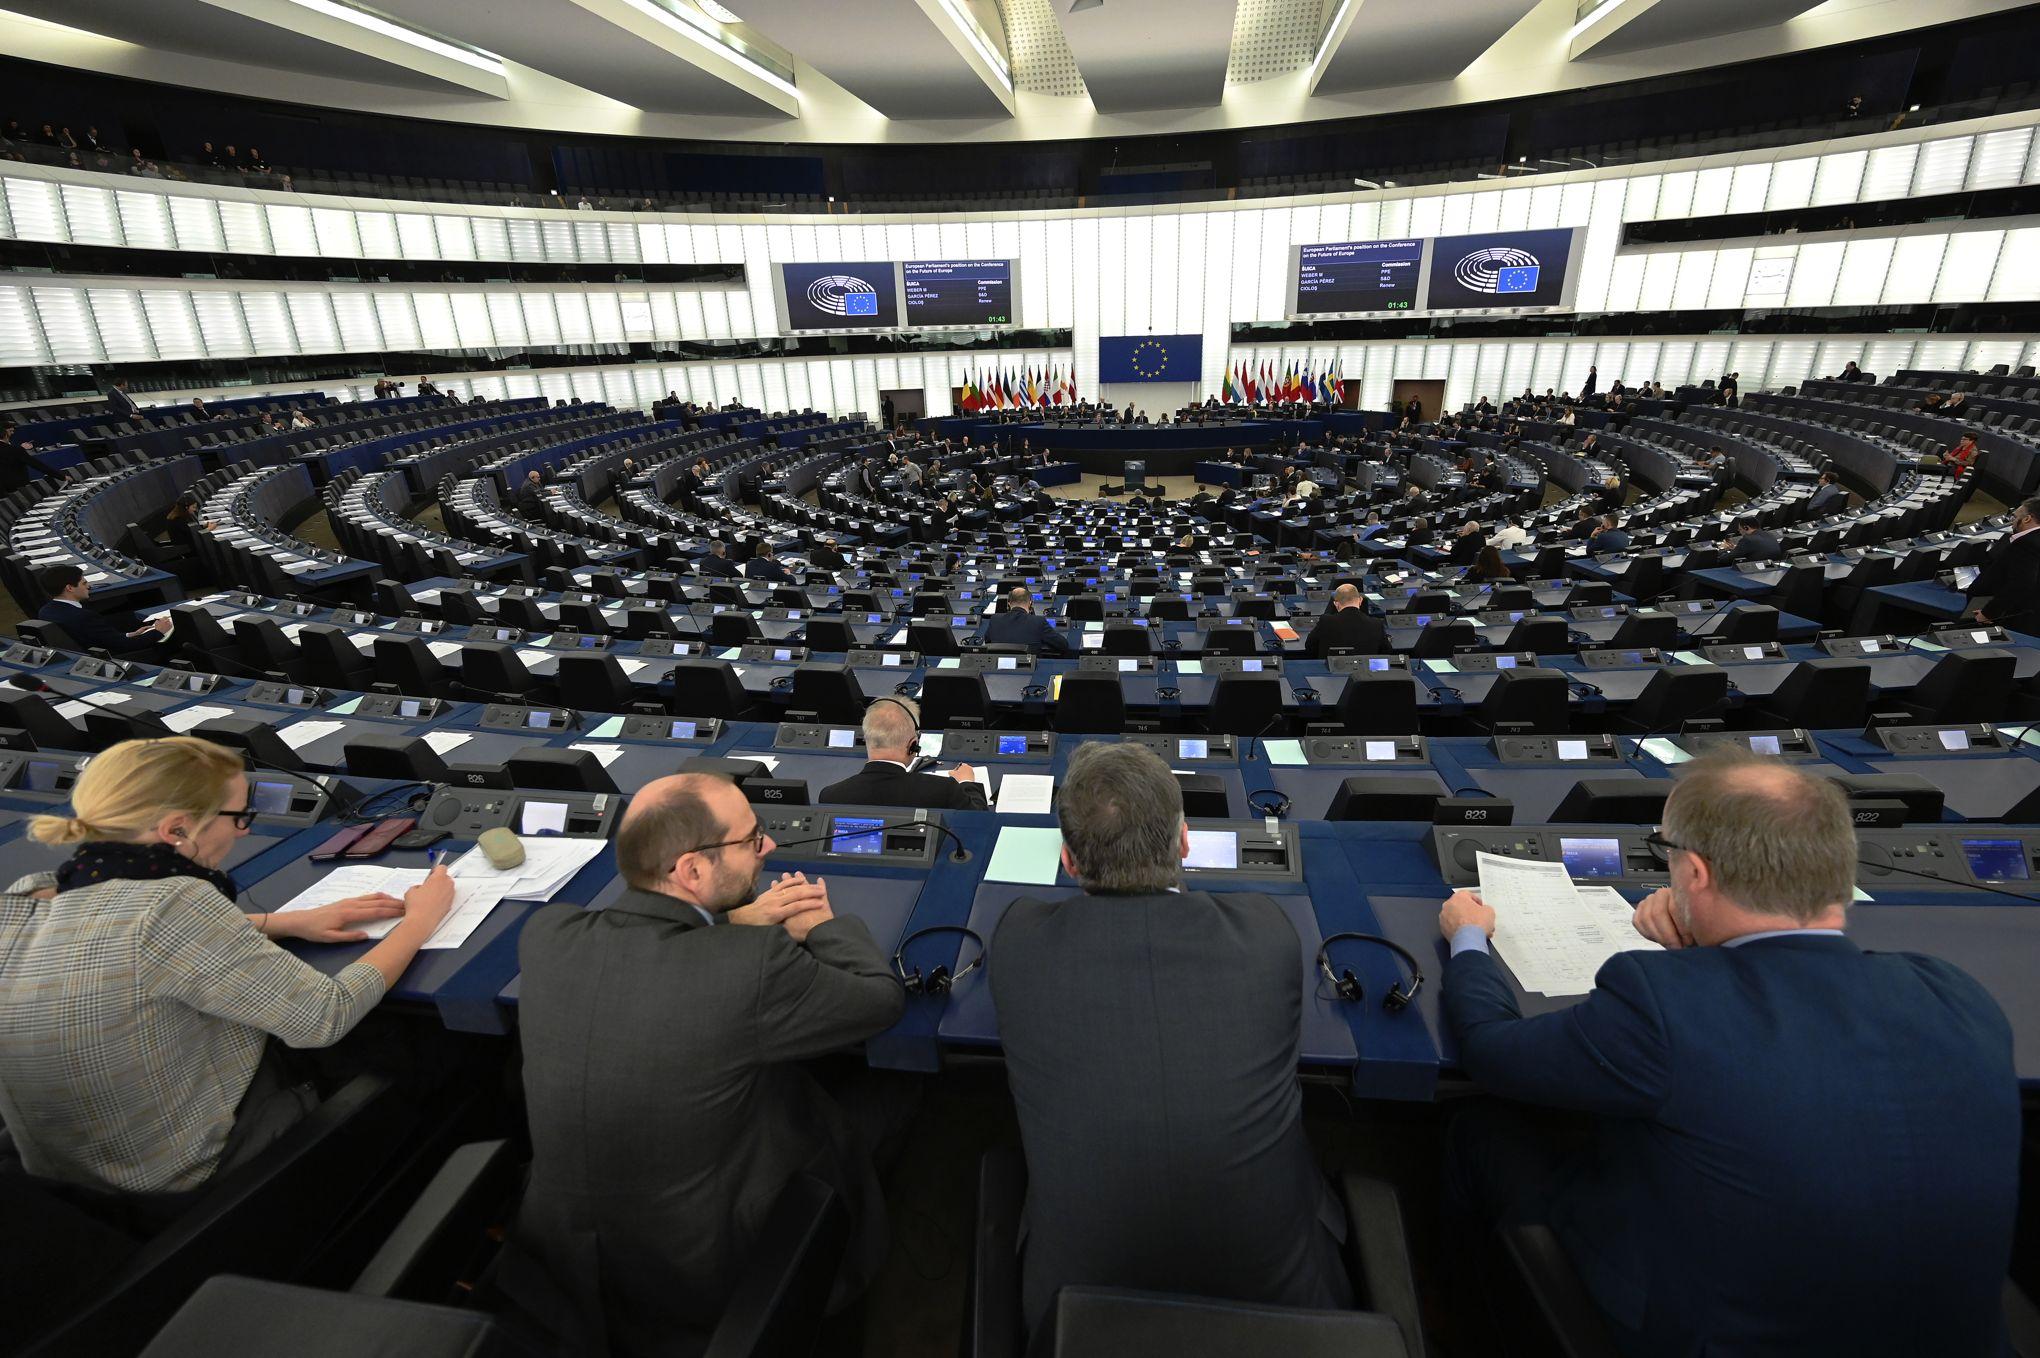 L'affaire d'espionnage entre la Chine et un fonctionnaire européen suscite l'embarras à Bruxelles